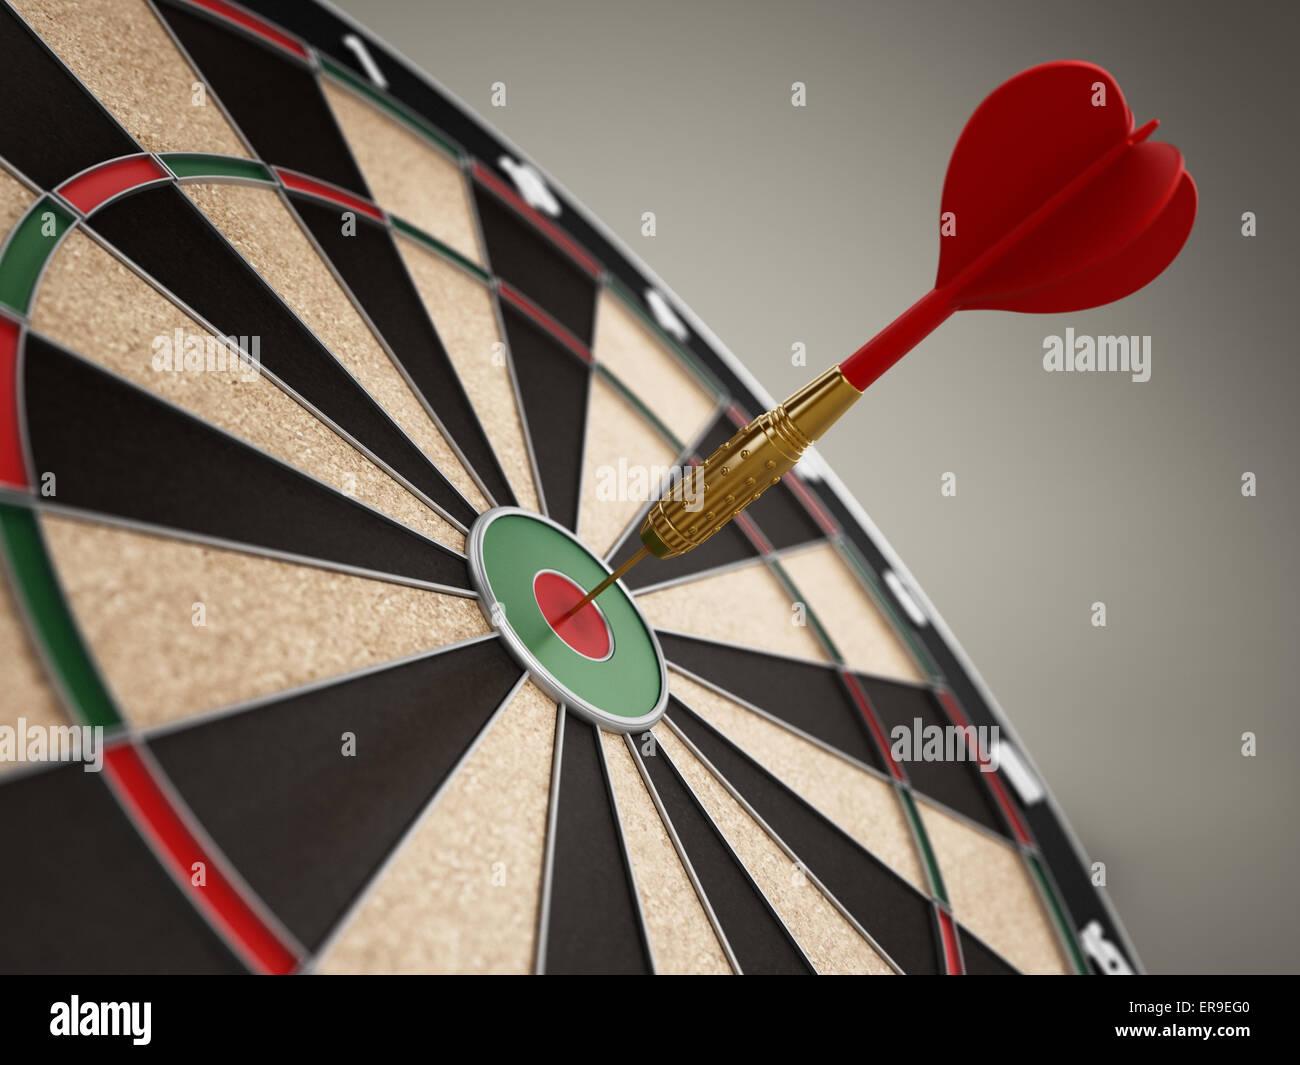 Dart rosso premete il tasto destro al centro del bersaglio Immagini Stock